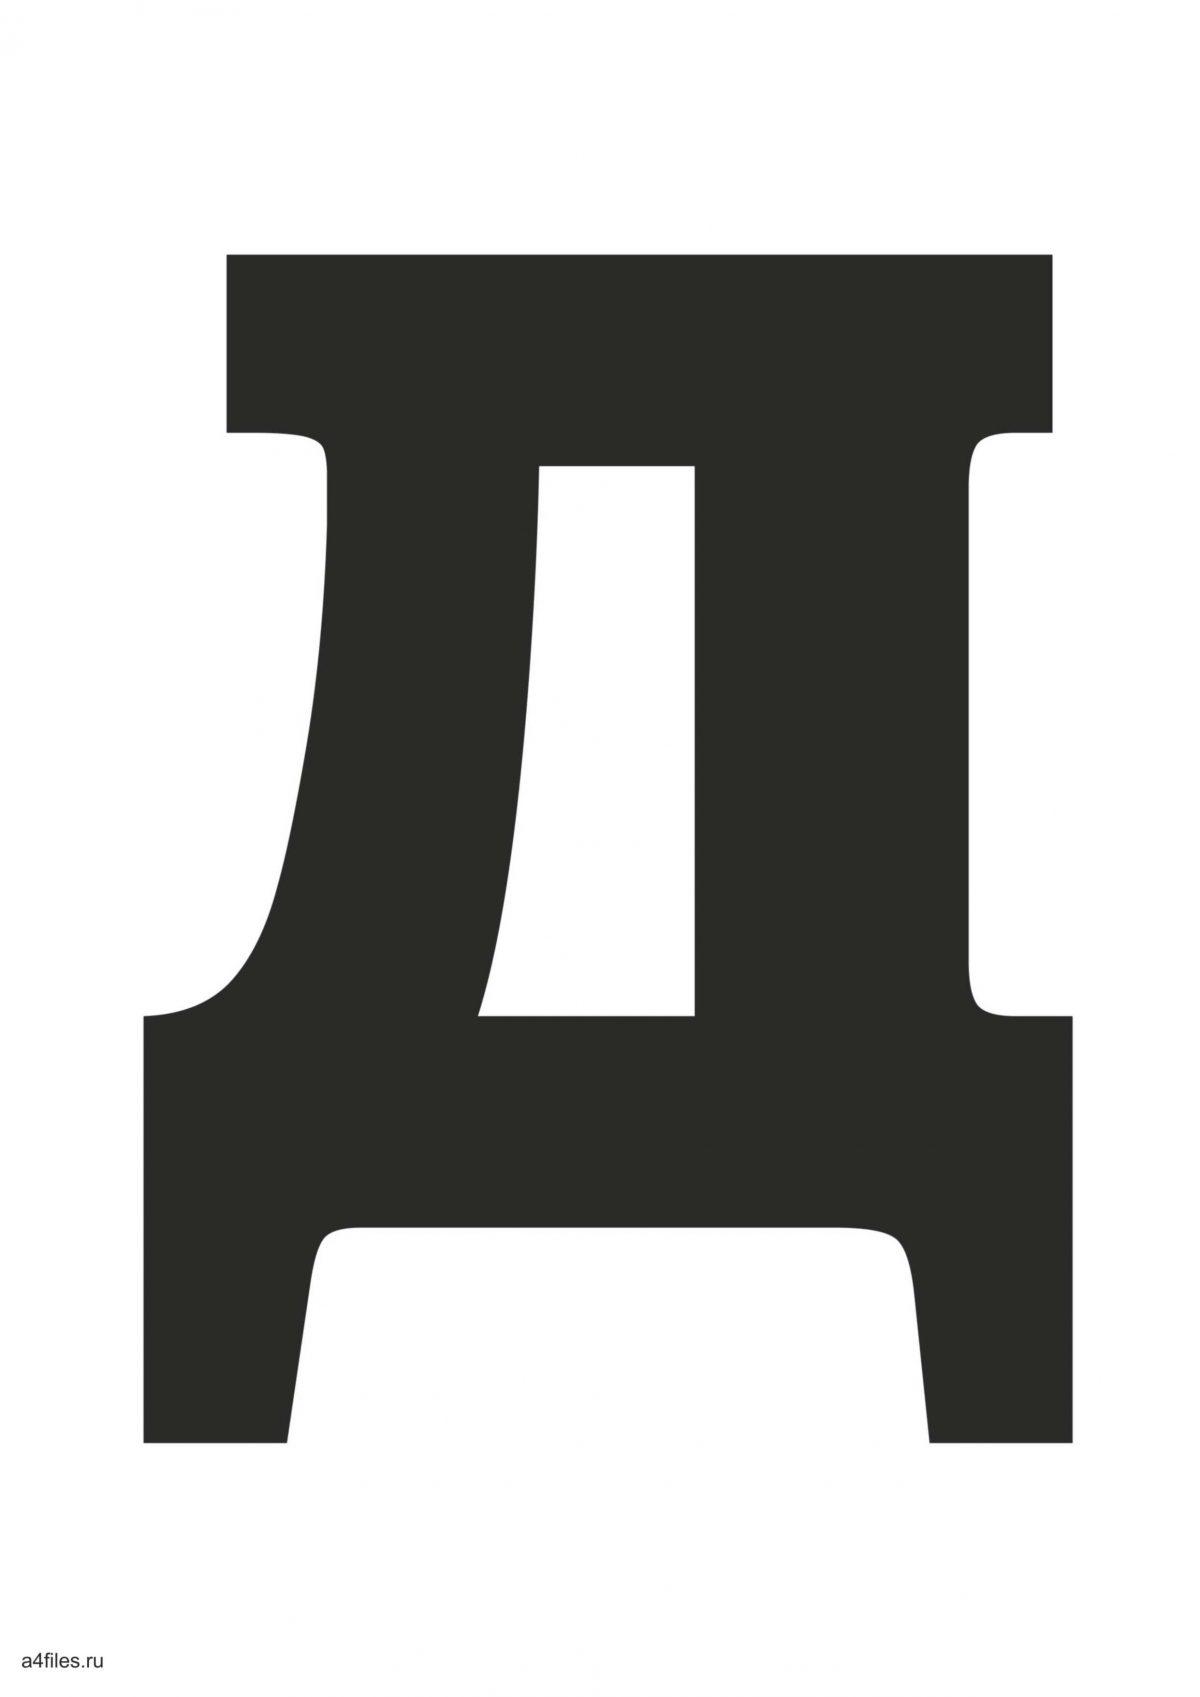 Распечатать букву Д на листе А4